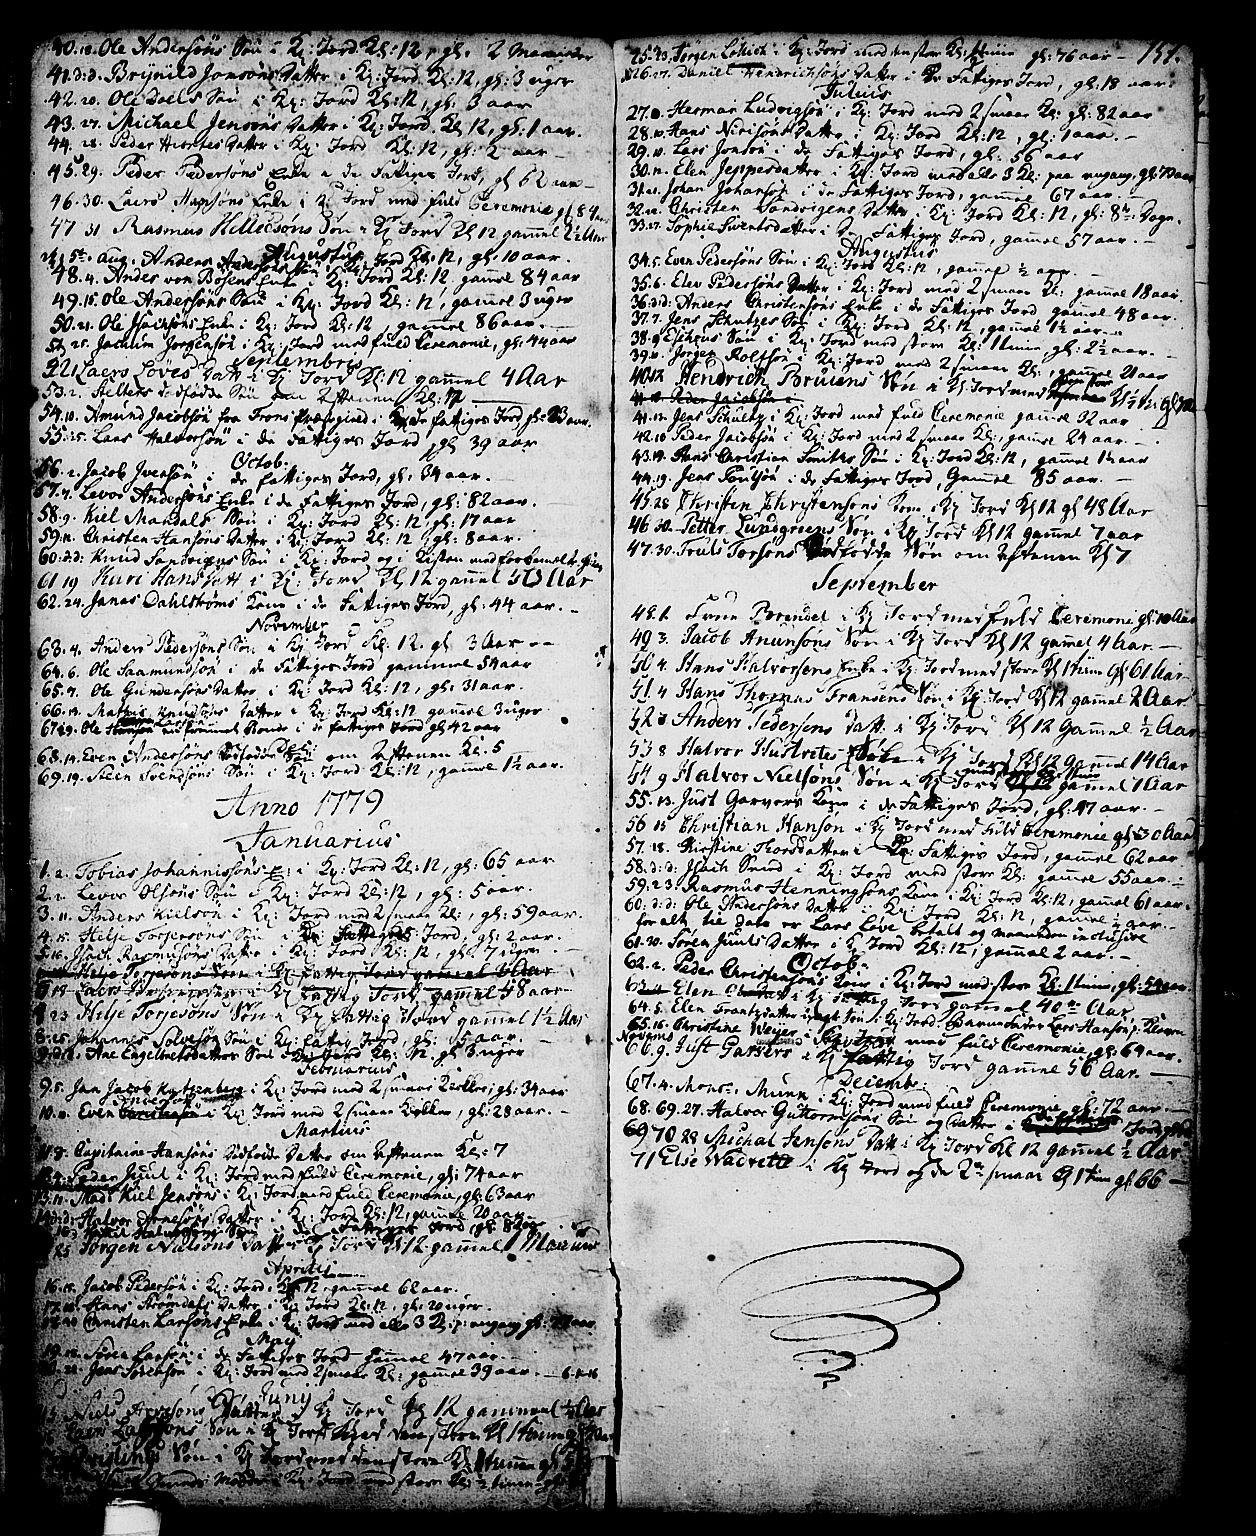 SAKO, Skien kirkebøker, G/Ga/L0001: Klokkerbok nr. 1, 1756-1791, s. 151